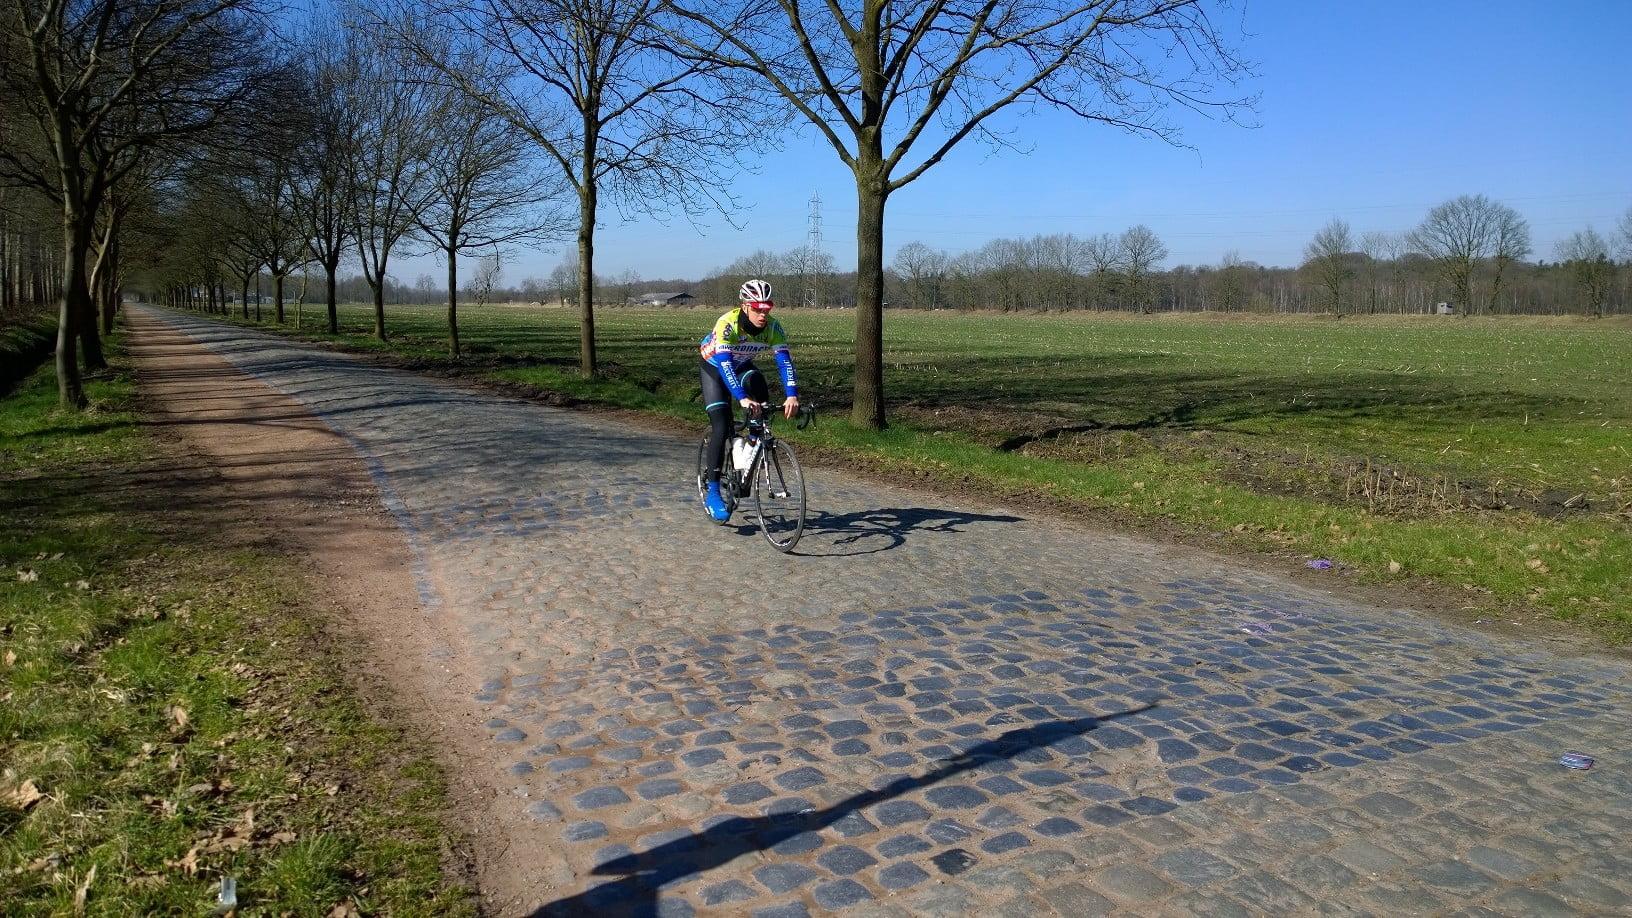 Fant nye brosteinsveier. Dette er Heide, 1.9 km lang seksjon som du finner her på strava.